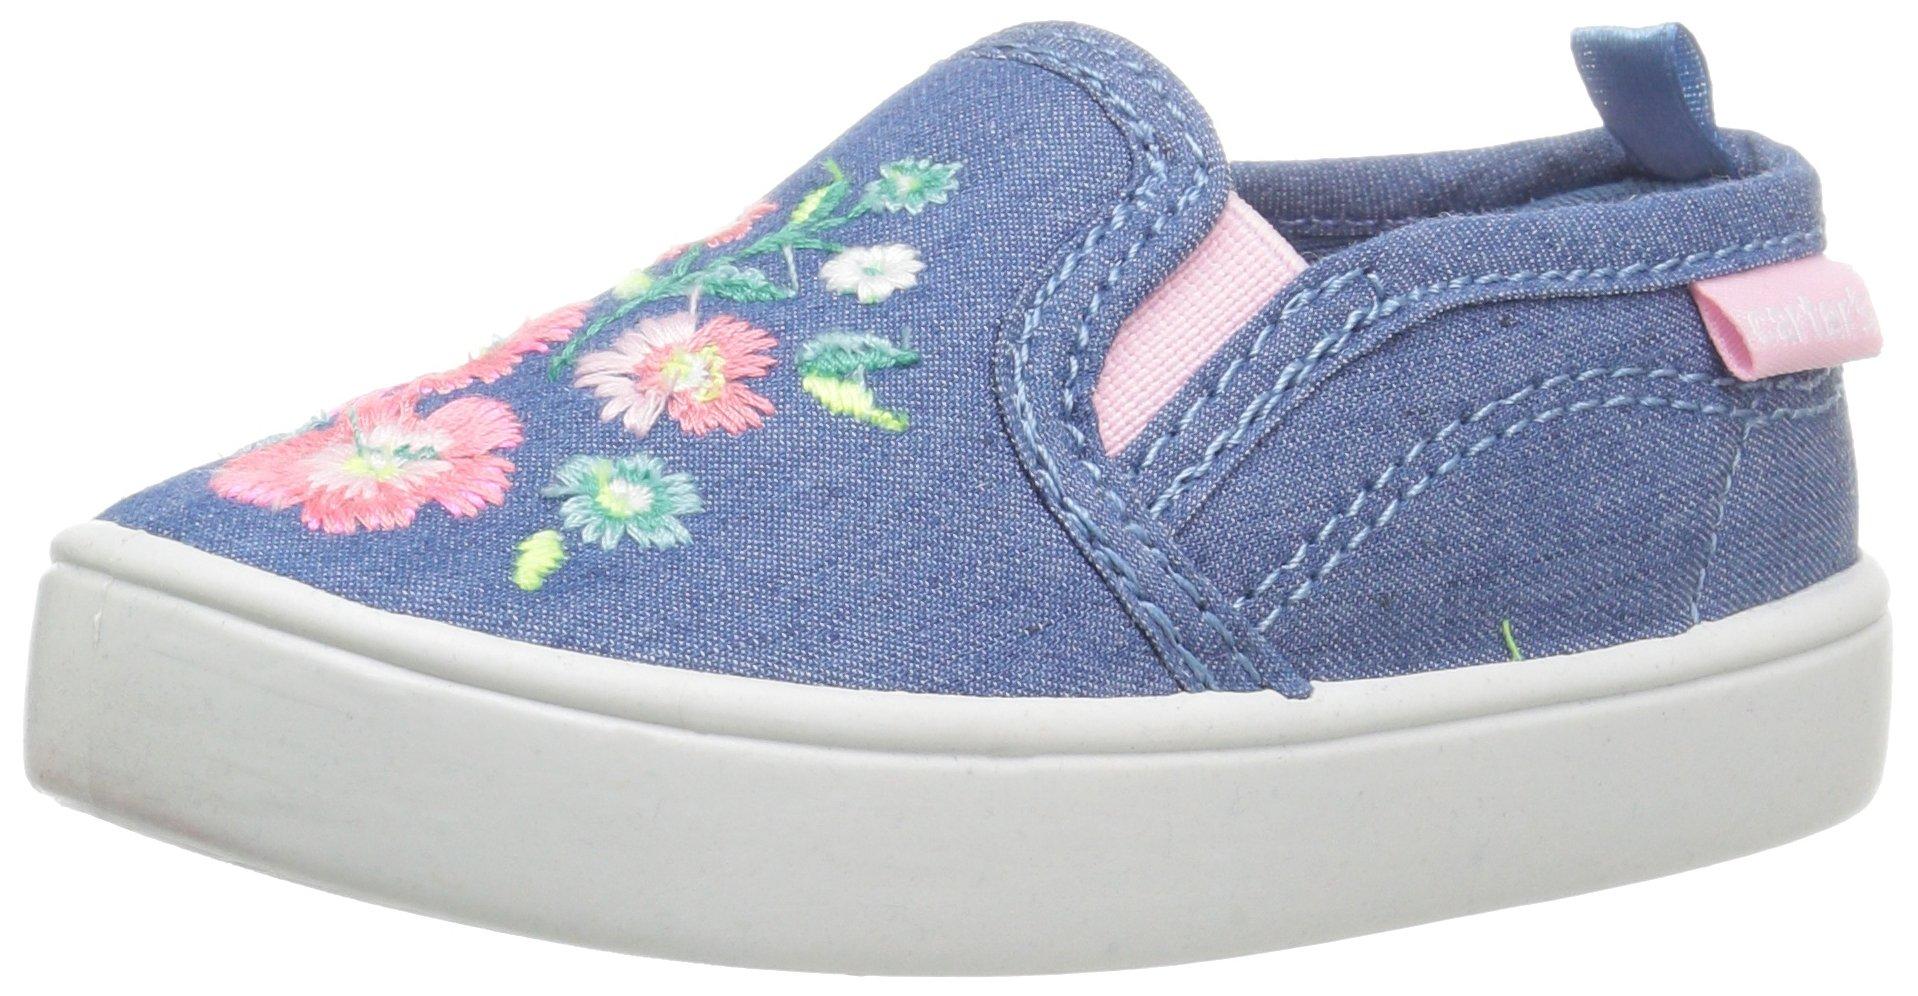 carter's Tween Girl's Novelty Slip-On, Blue, 7 M US Toddler